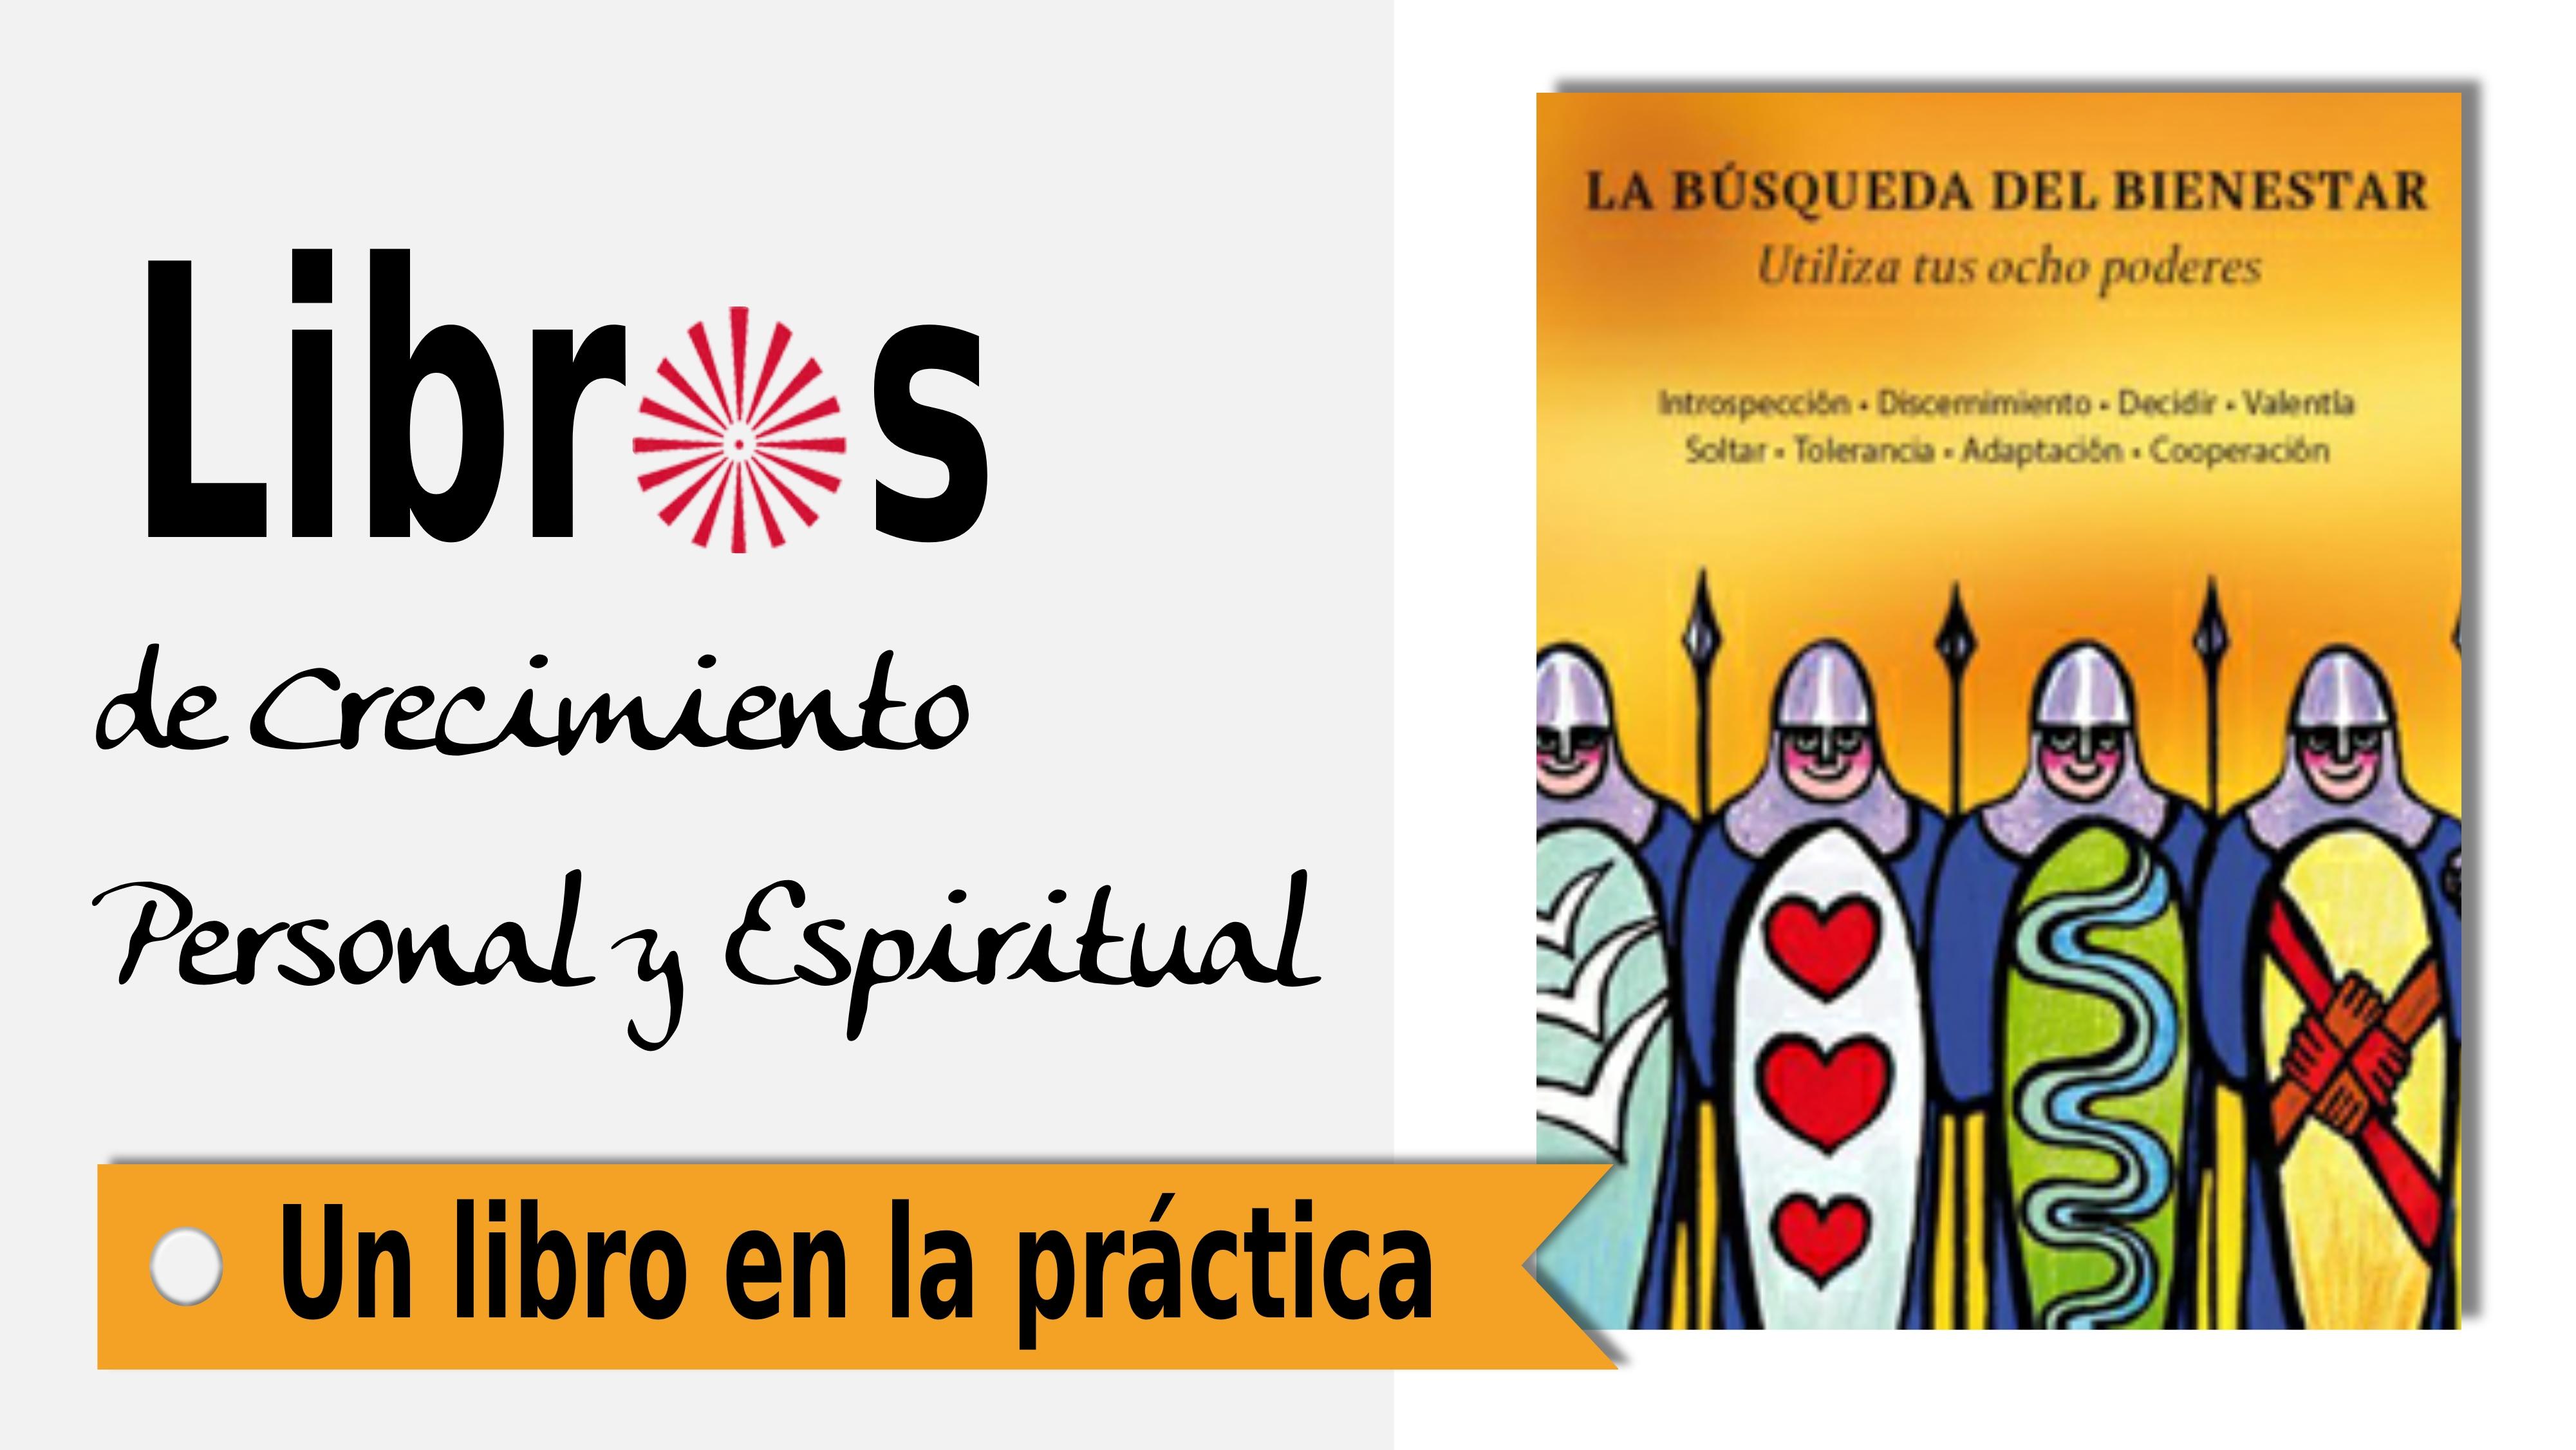 5 Agosto 2021 Un libro en la práctica: La Búsqueda del Bienestar